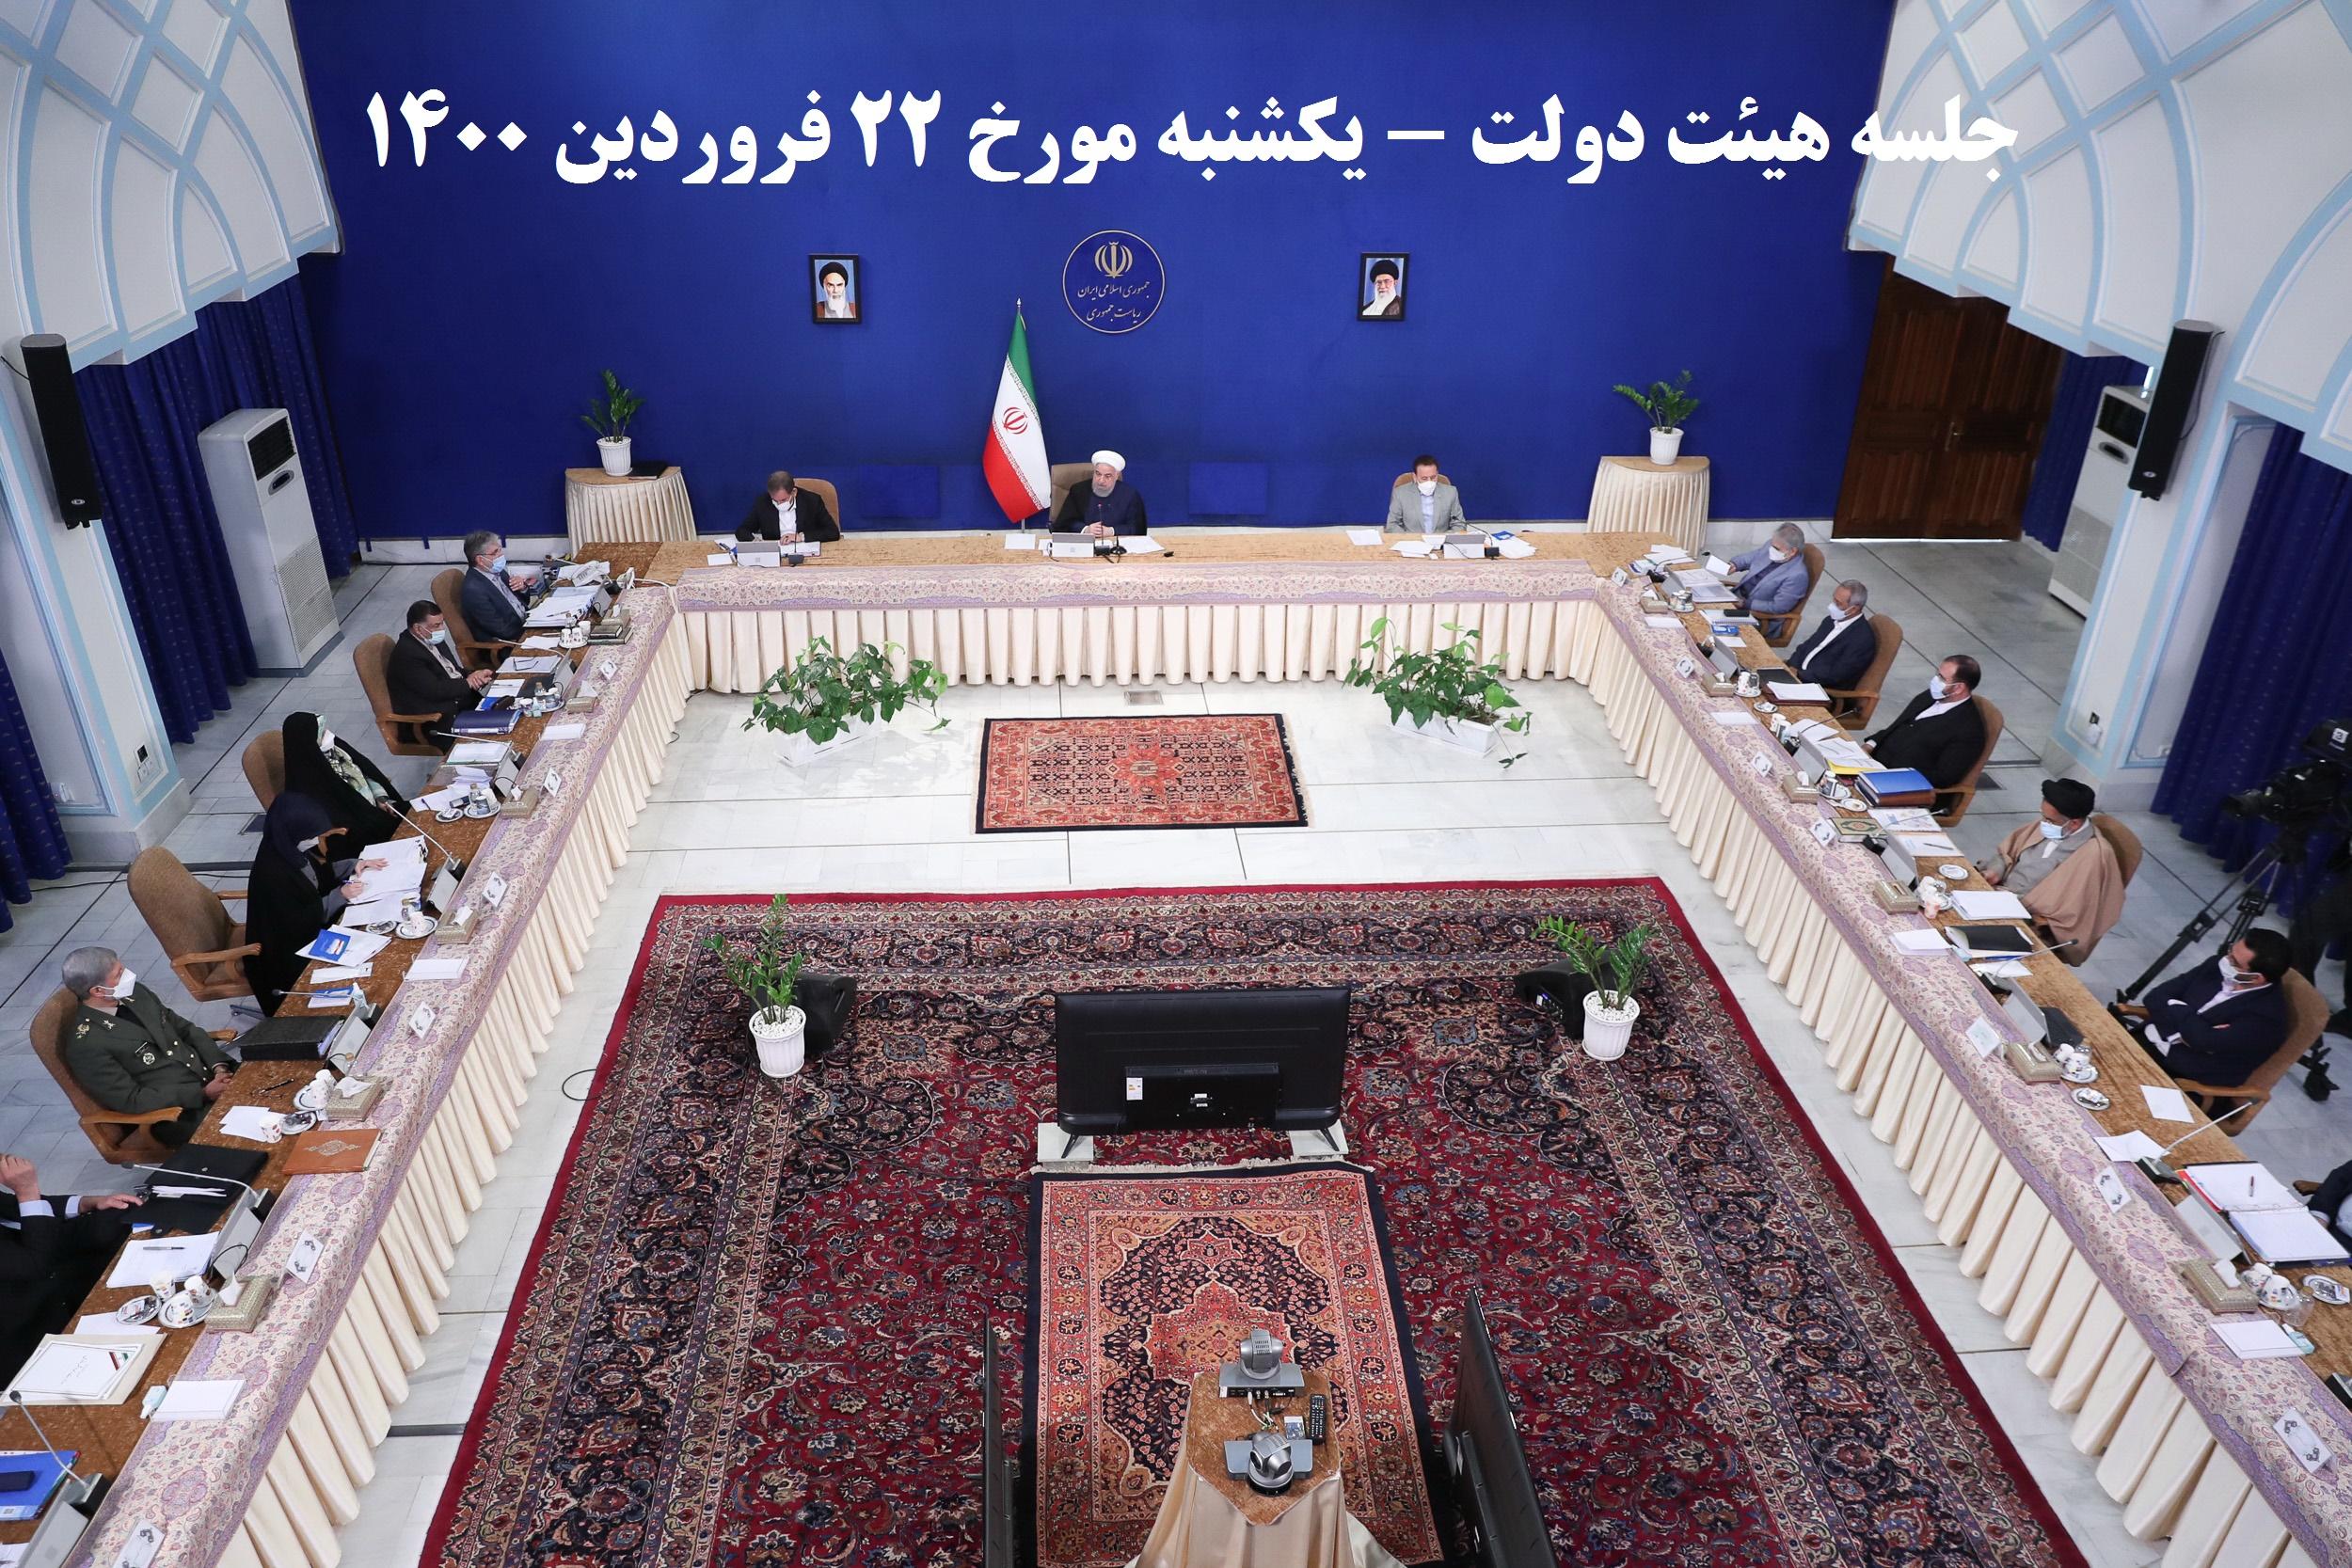 موافقت دولت با اصلاح اساسنامه بانک سپه